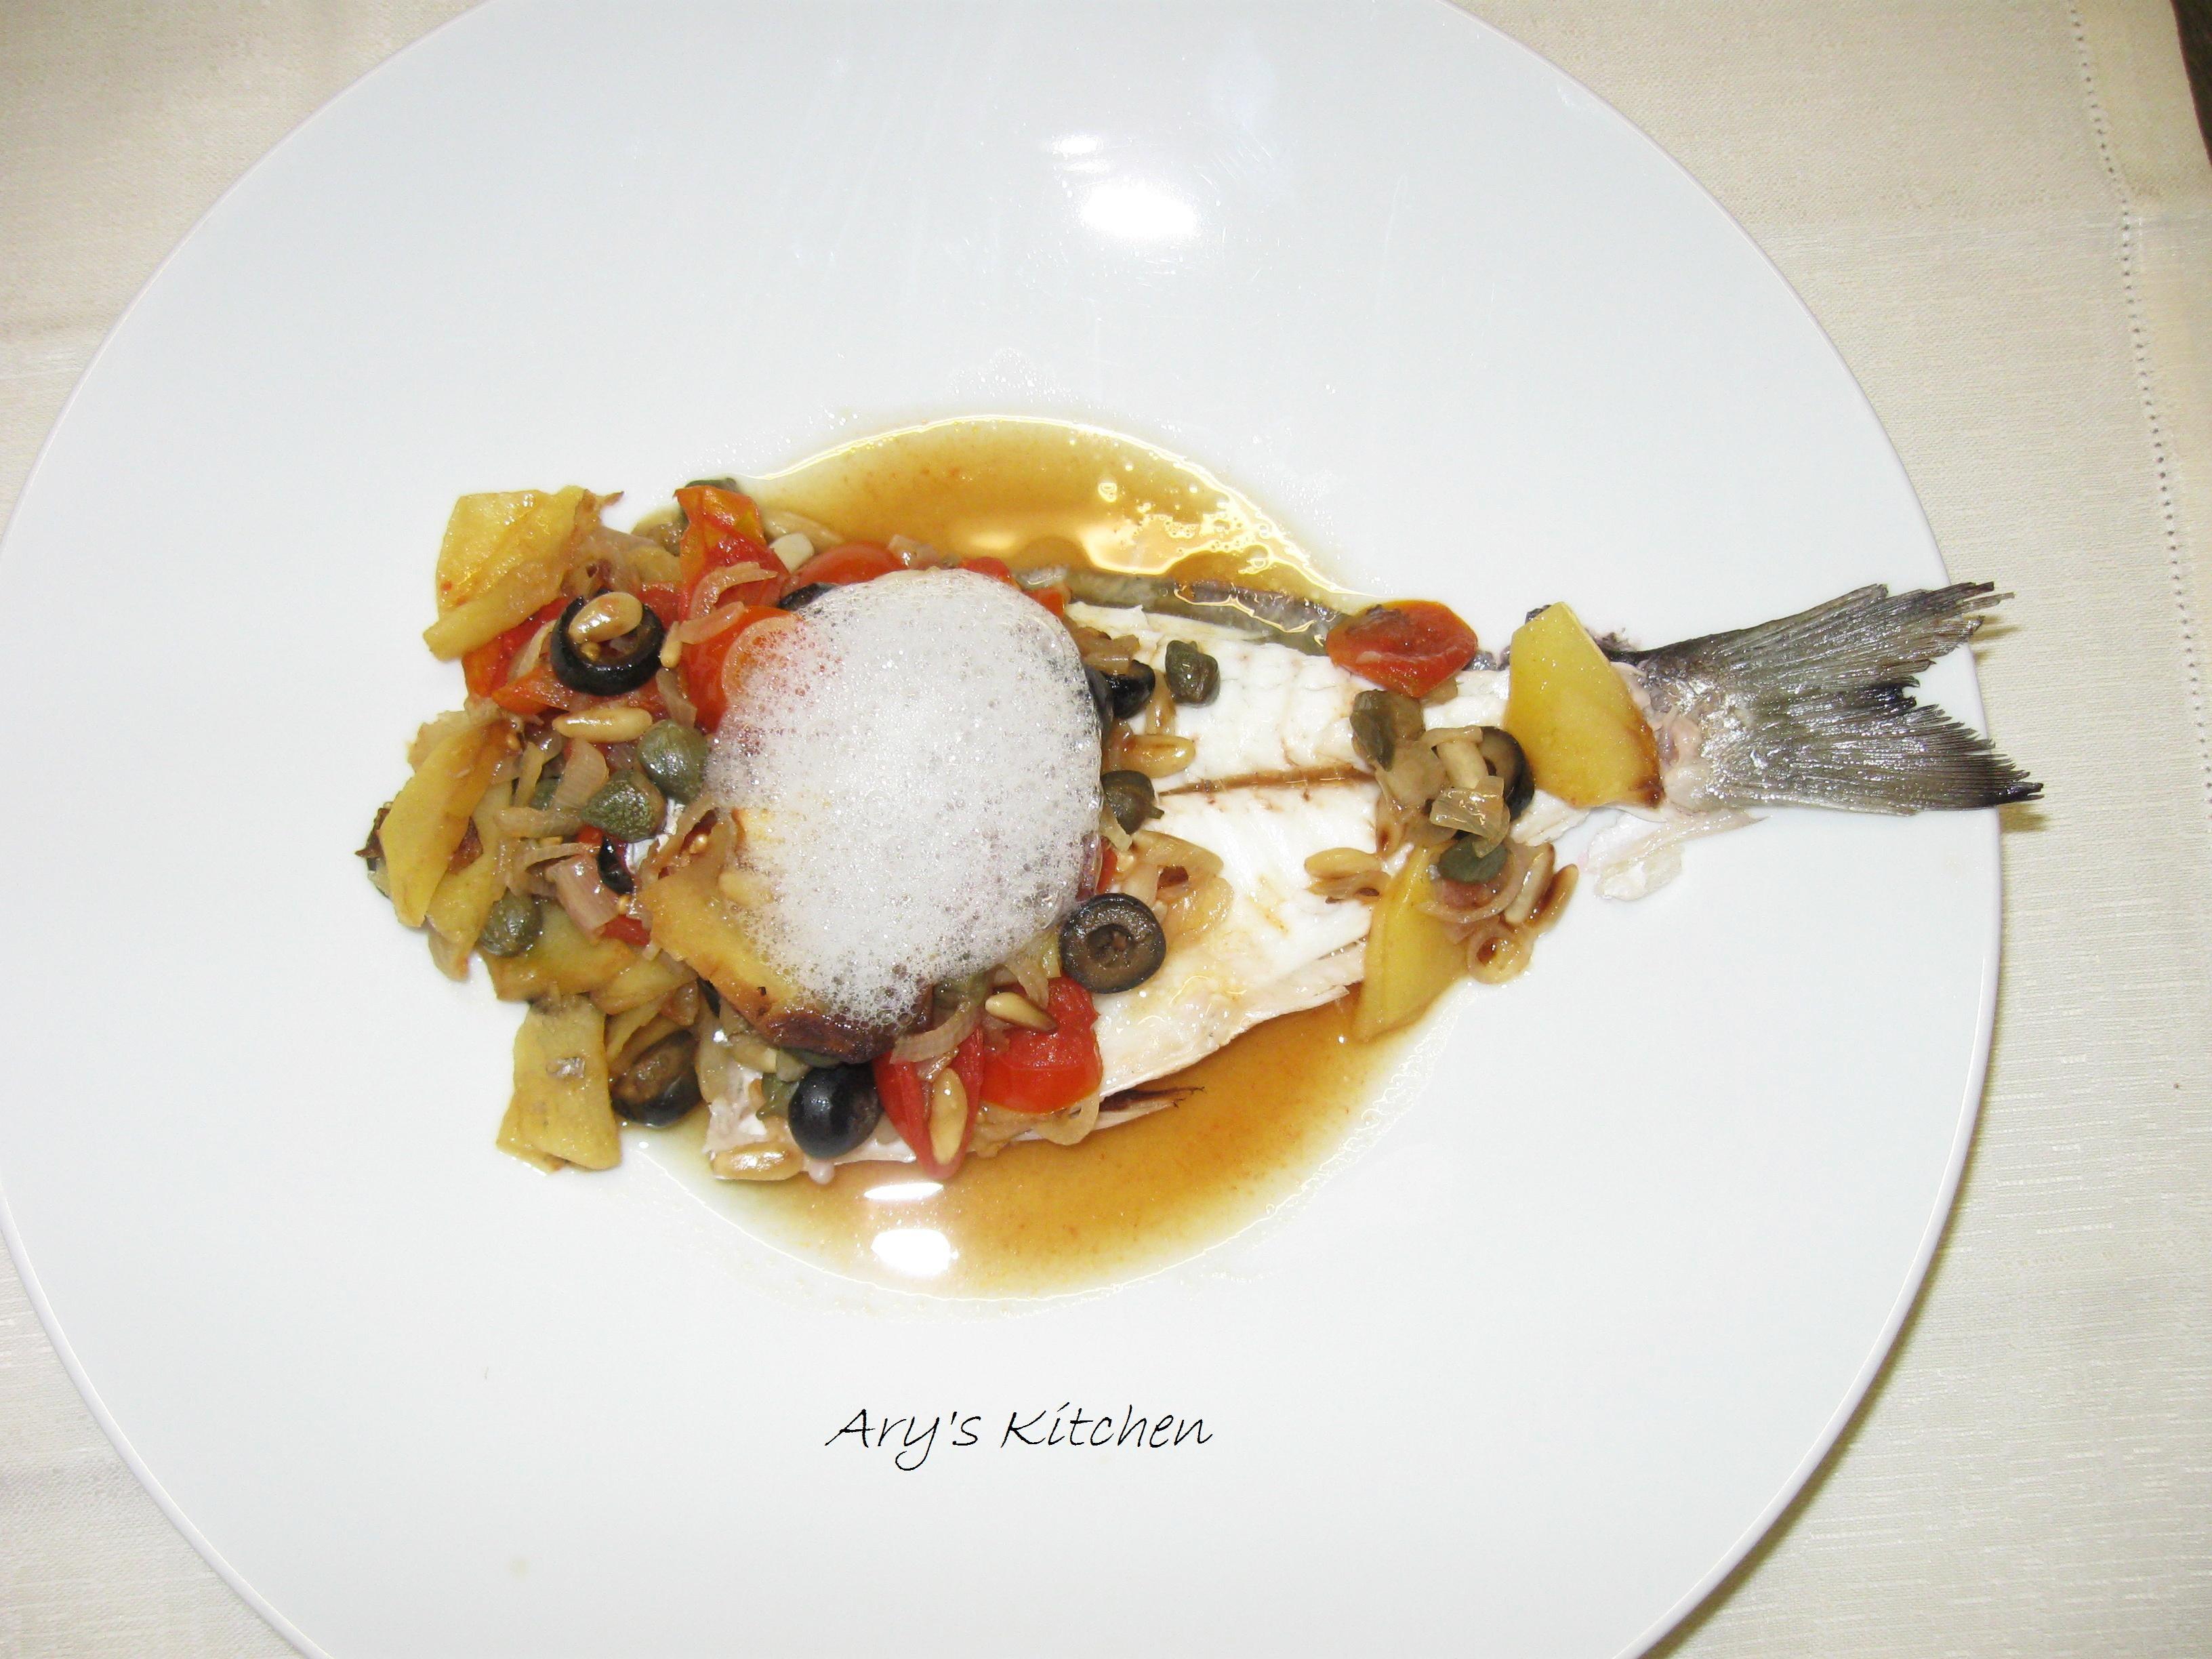 Il mio piatto di cucina wellness: Orata in forno all'isolana con aria al basilico